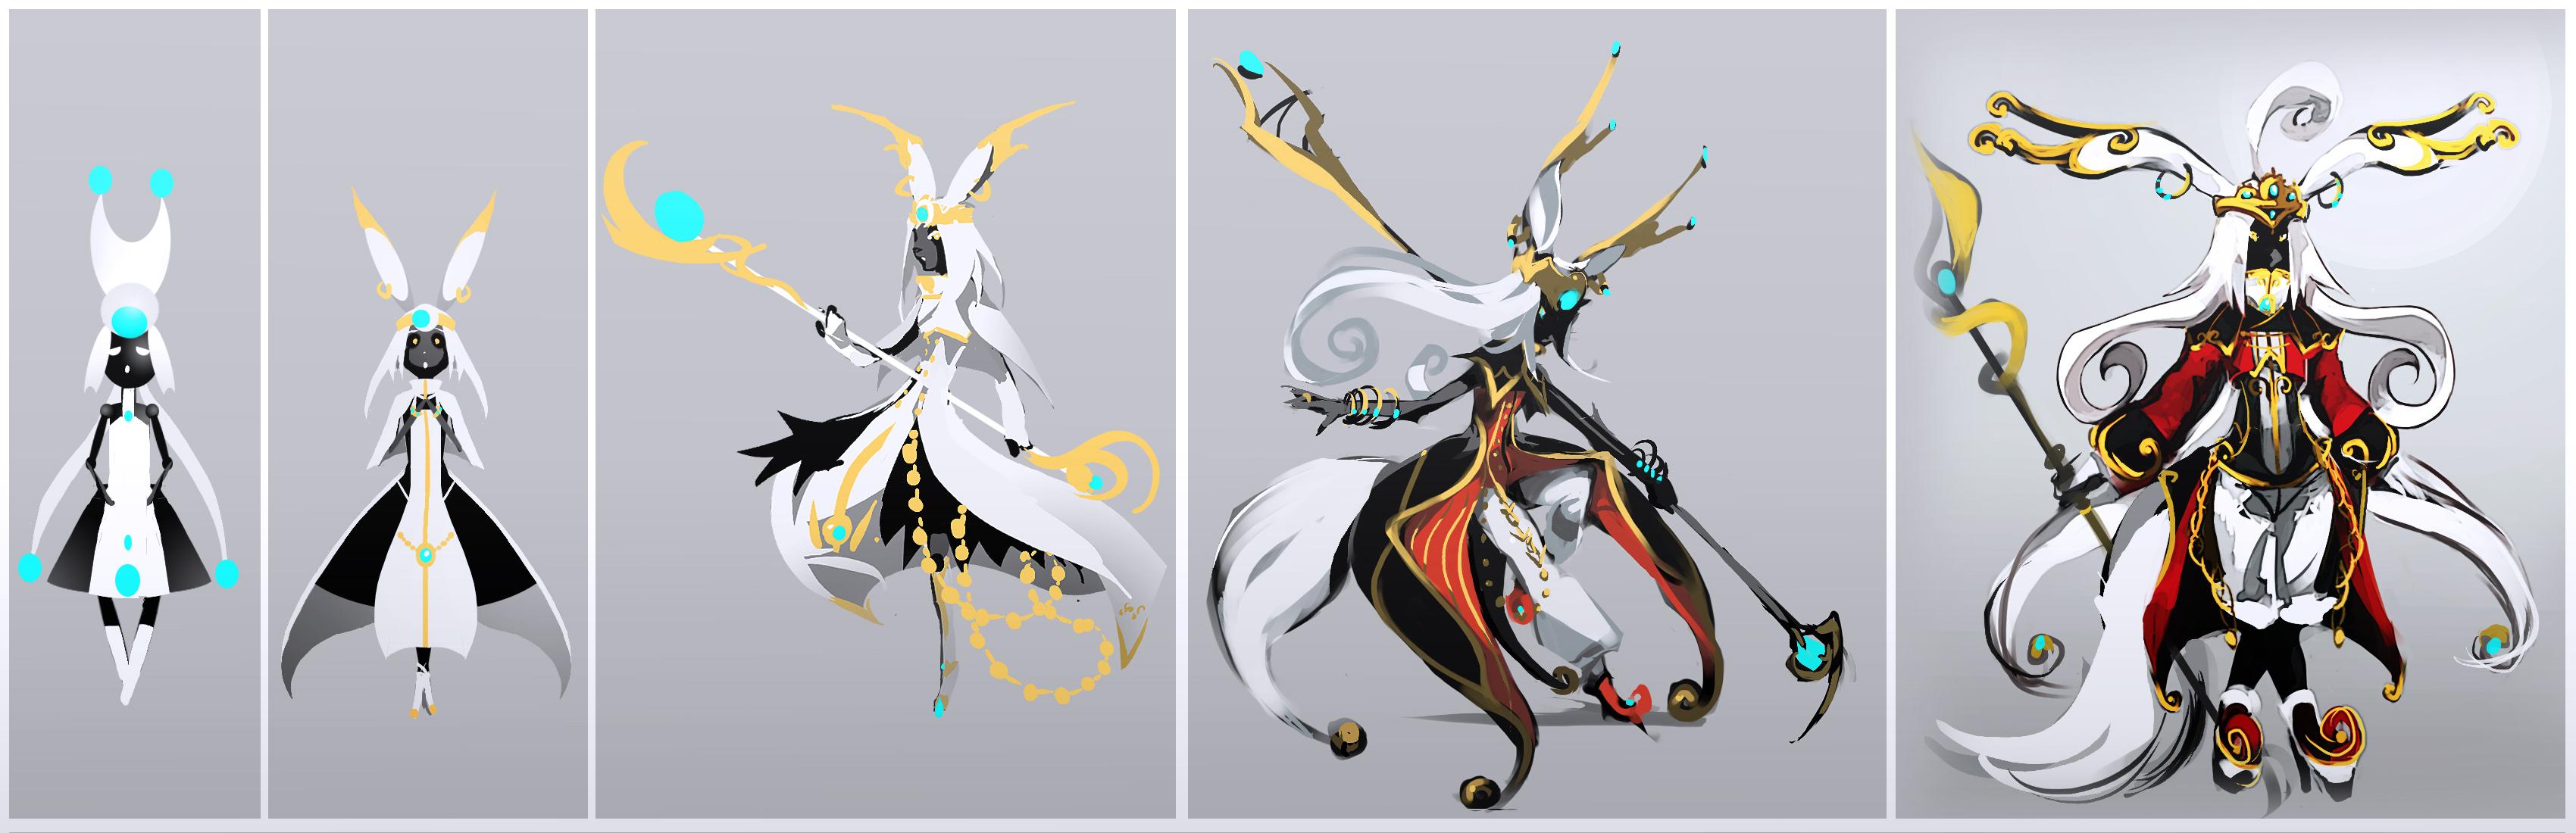 Queen Suzu Concept Sketches